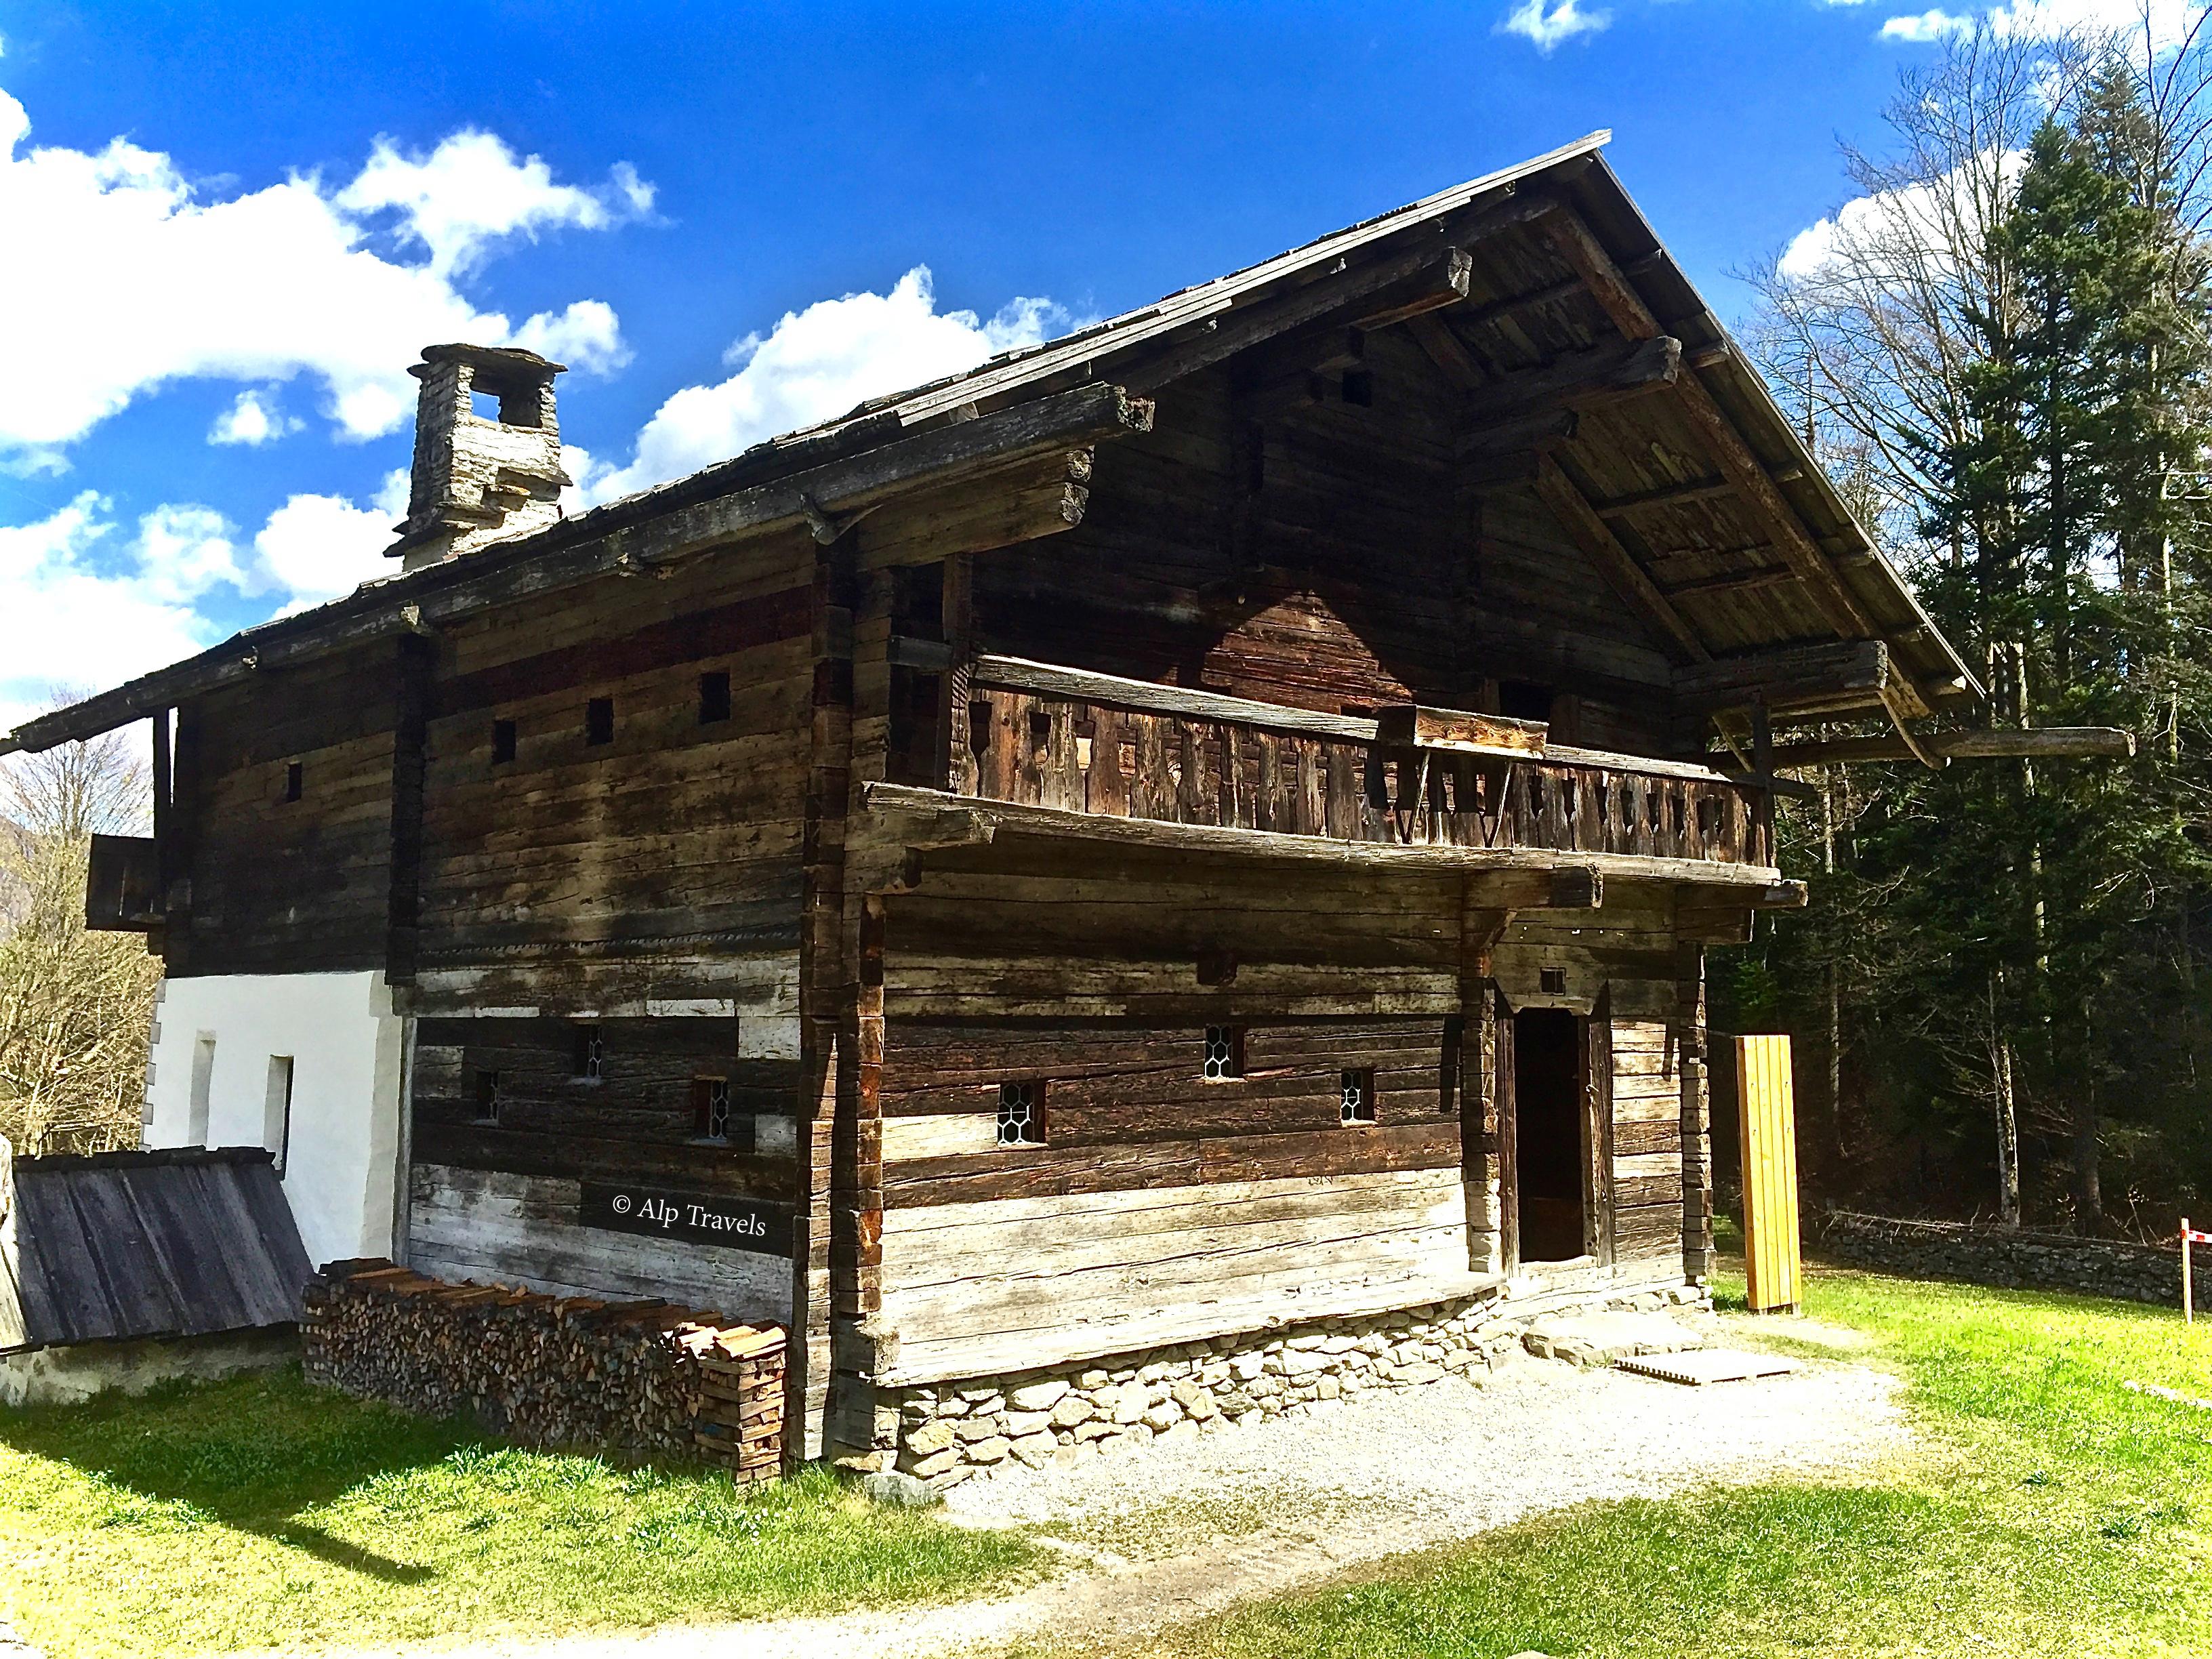 Ferme Tyrolienne, Kramsach